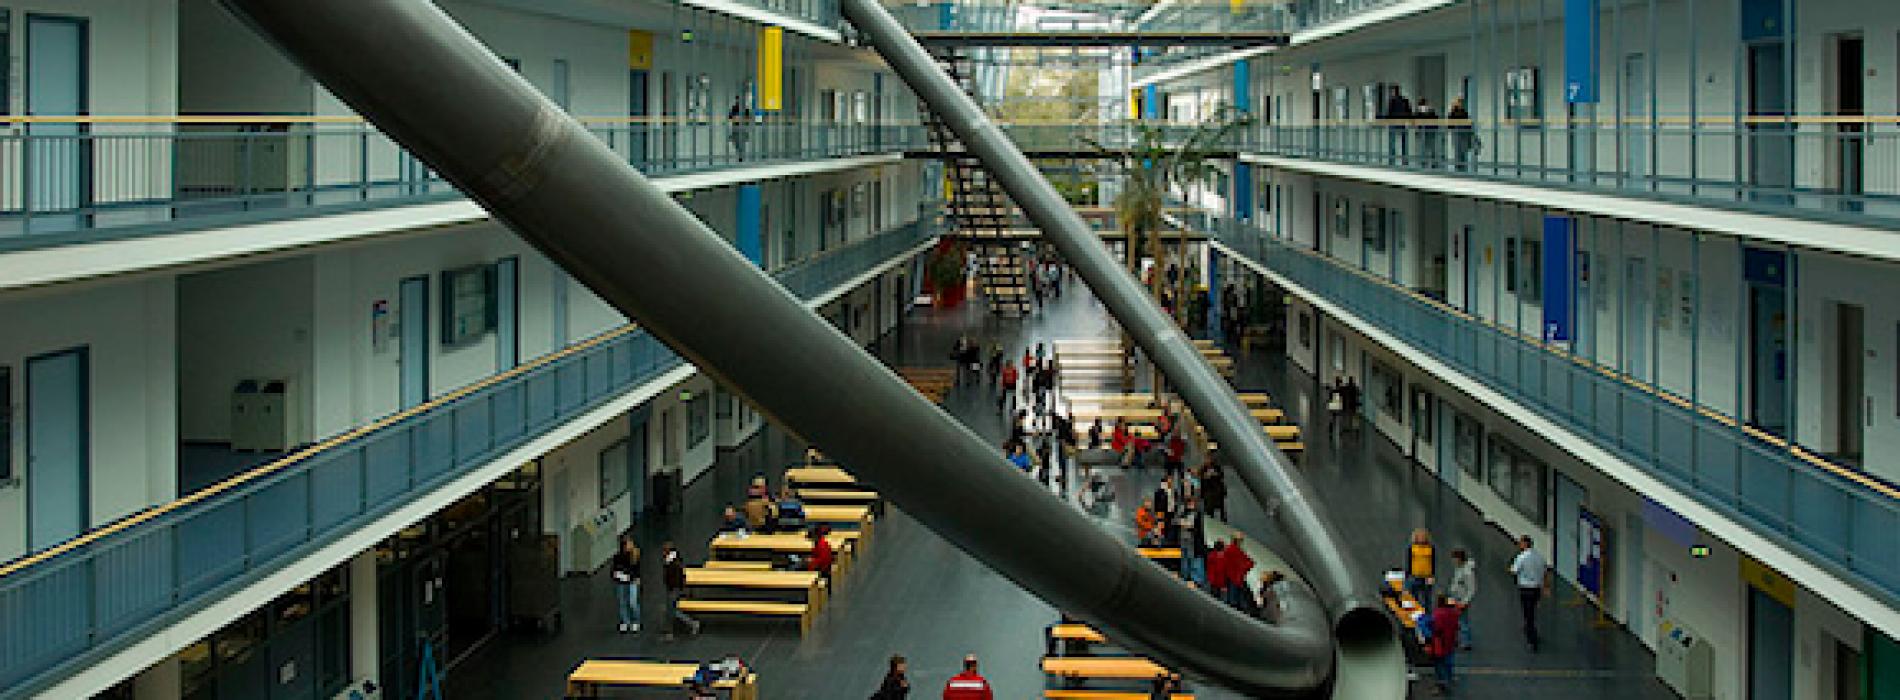 بجامعة ميونيخ الطلاب ينزلون بالزحاليق :d ! ( صور – فيديو )